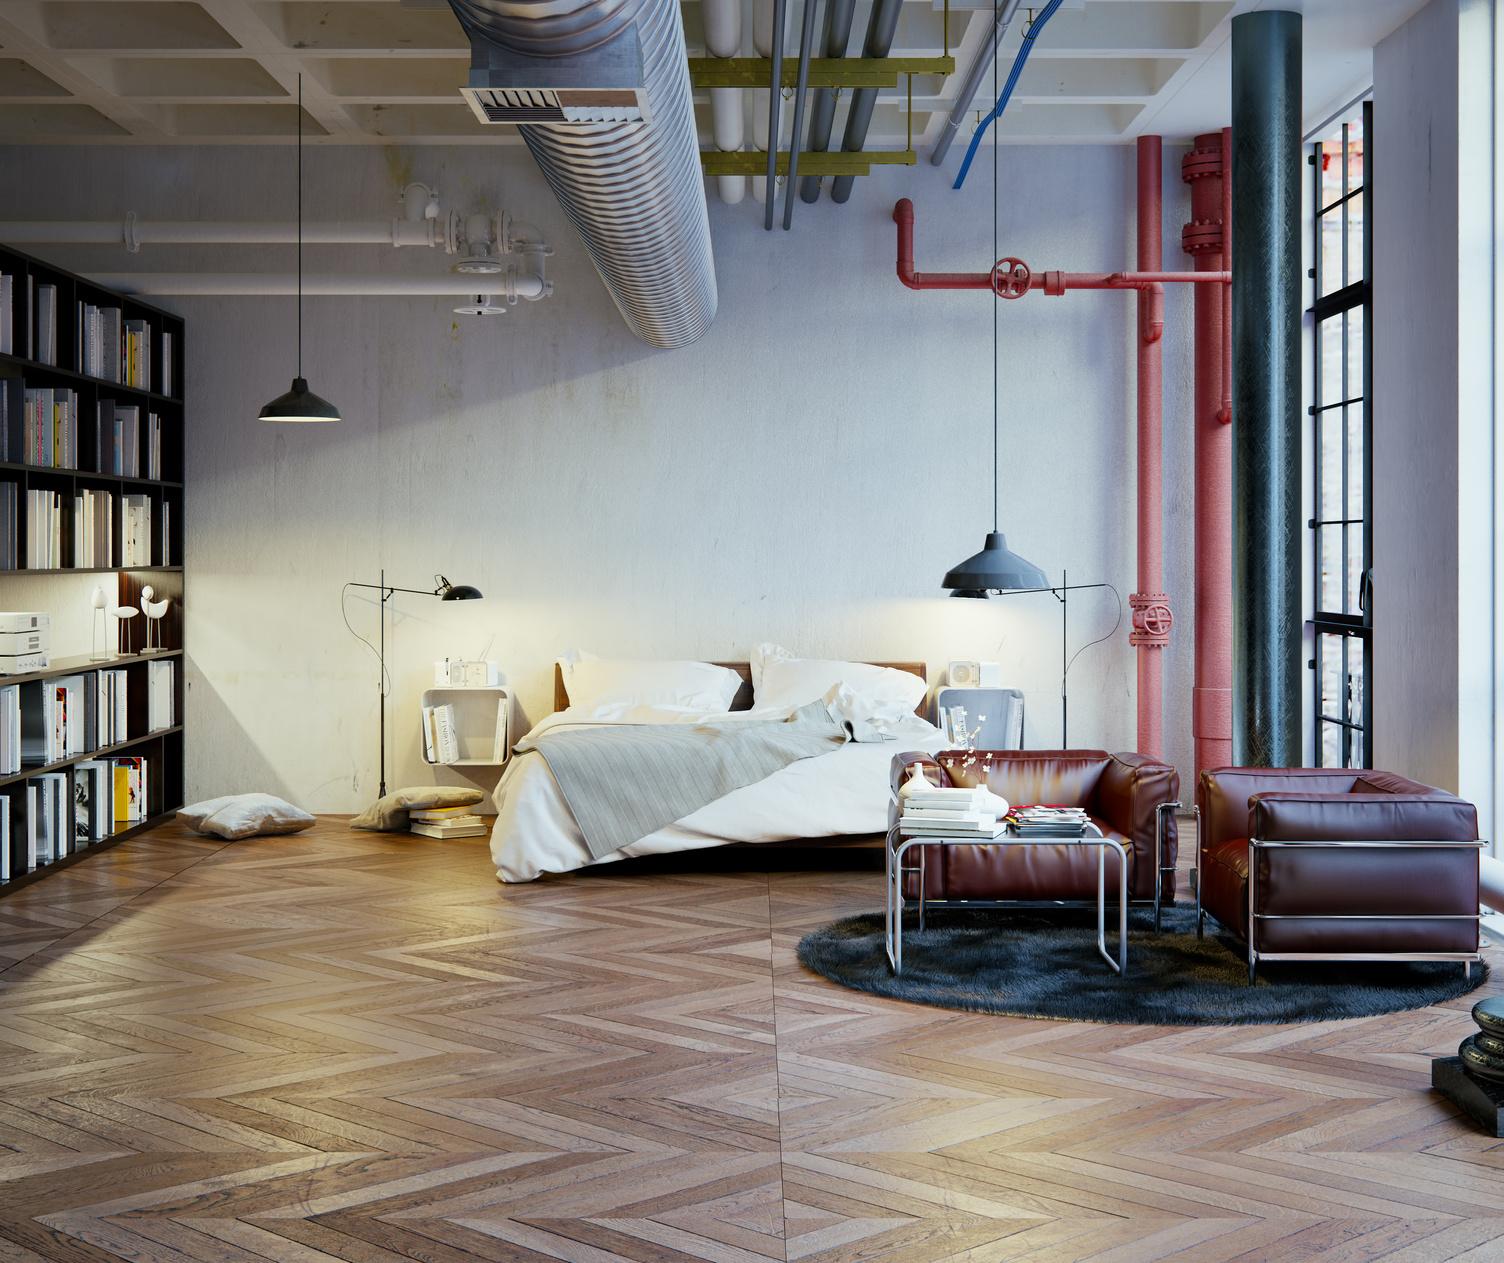 bien am nager une chambre de d coration industrielle. Black Bedroom Furniture Sets. Home Design Ideas